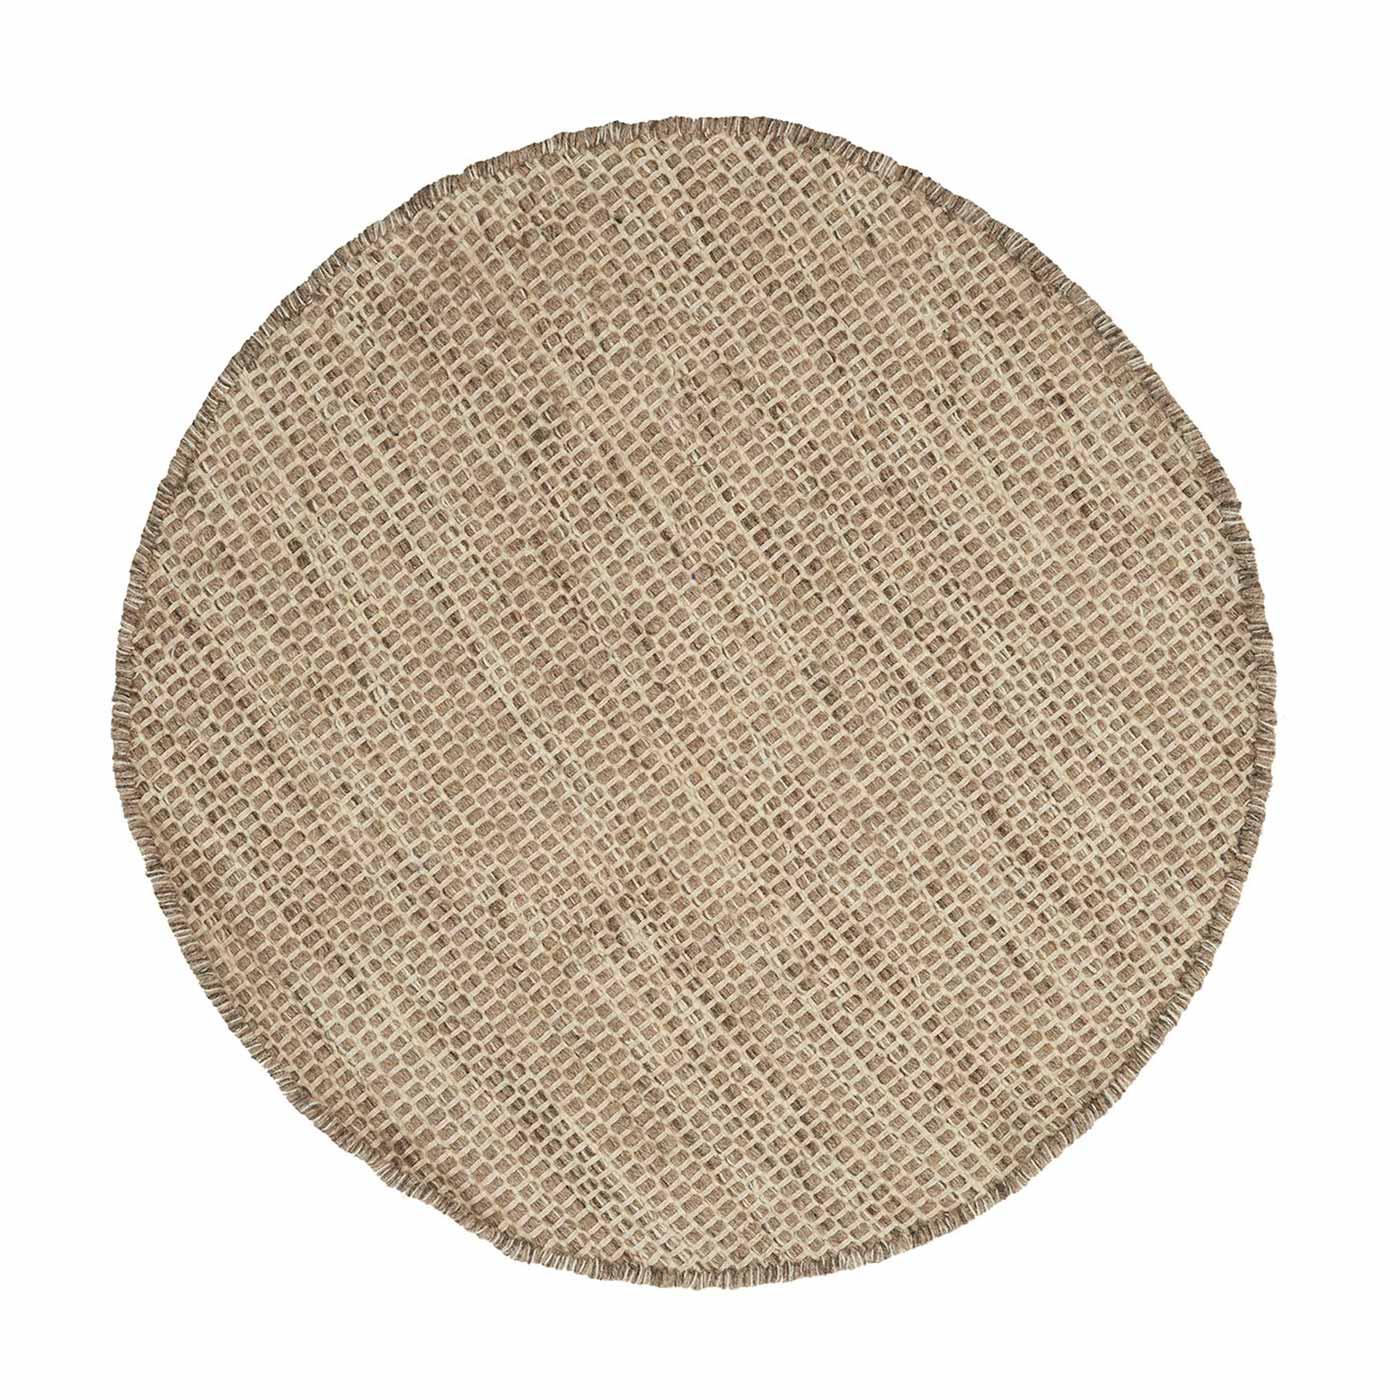 Asko Round Rug